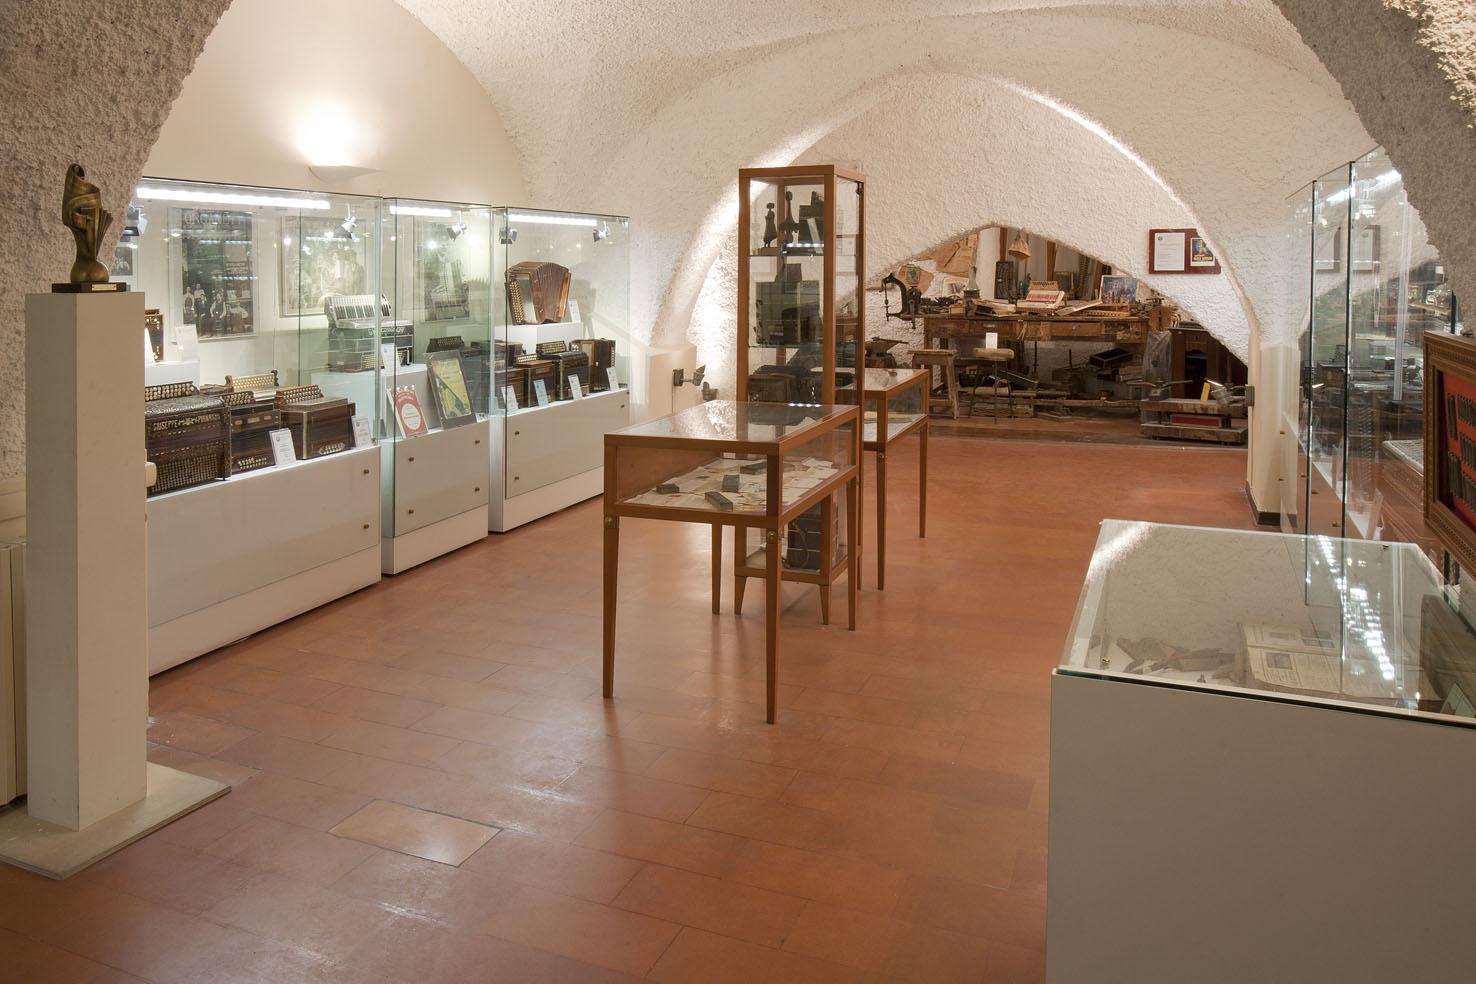 MuseoFisarmonica, invito a visitare un`eccellenza